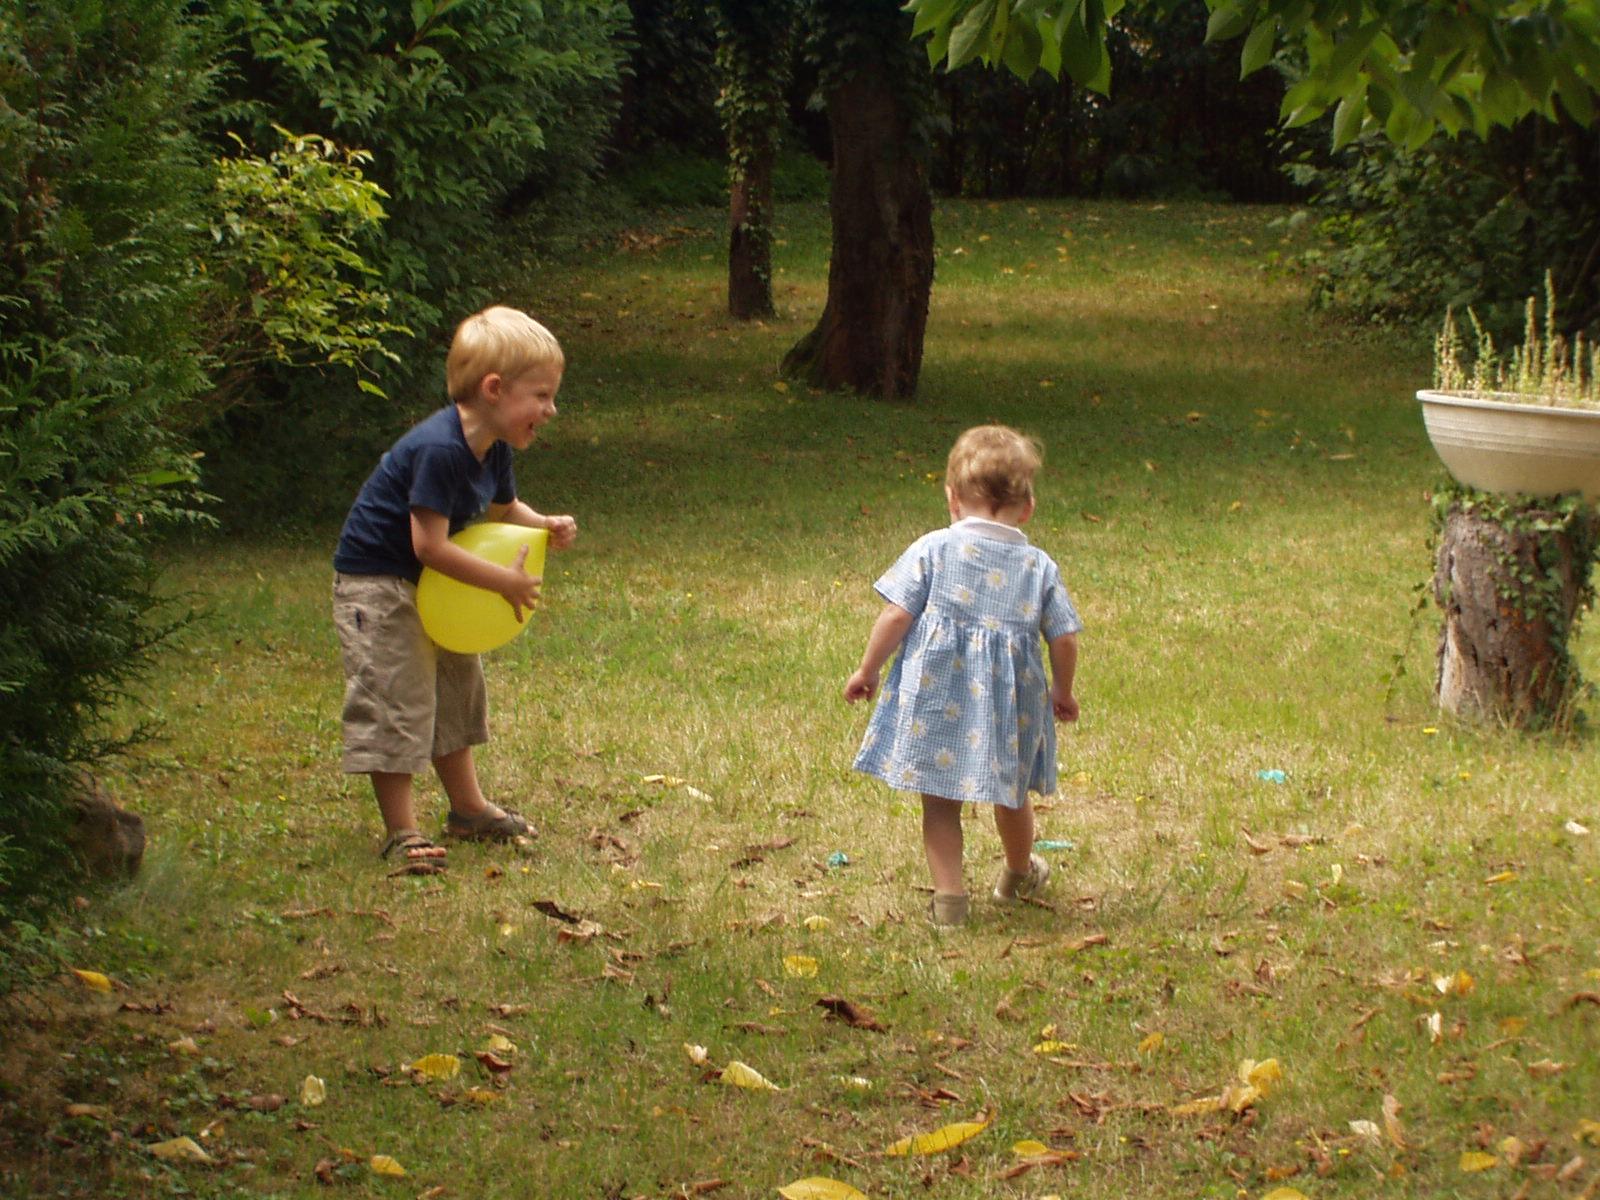 Jeux d enfants Jeu pour enfant cache cache ballon